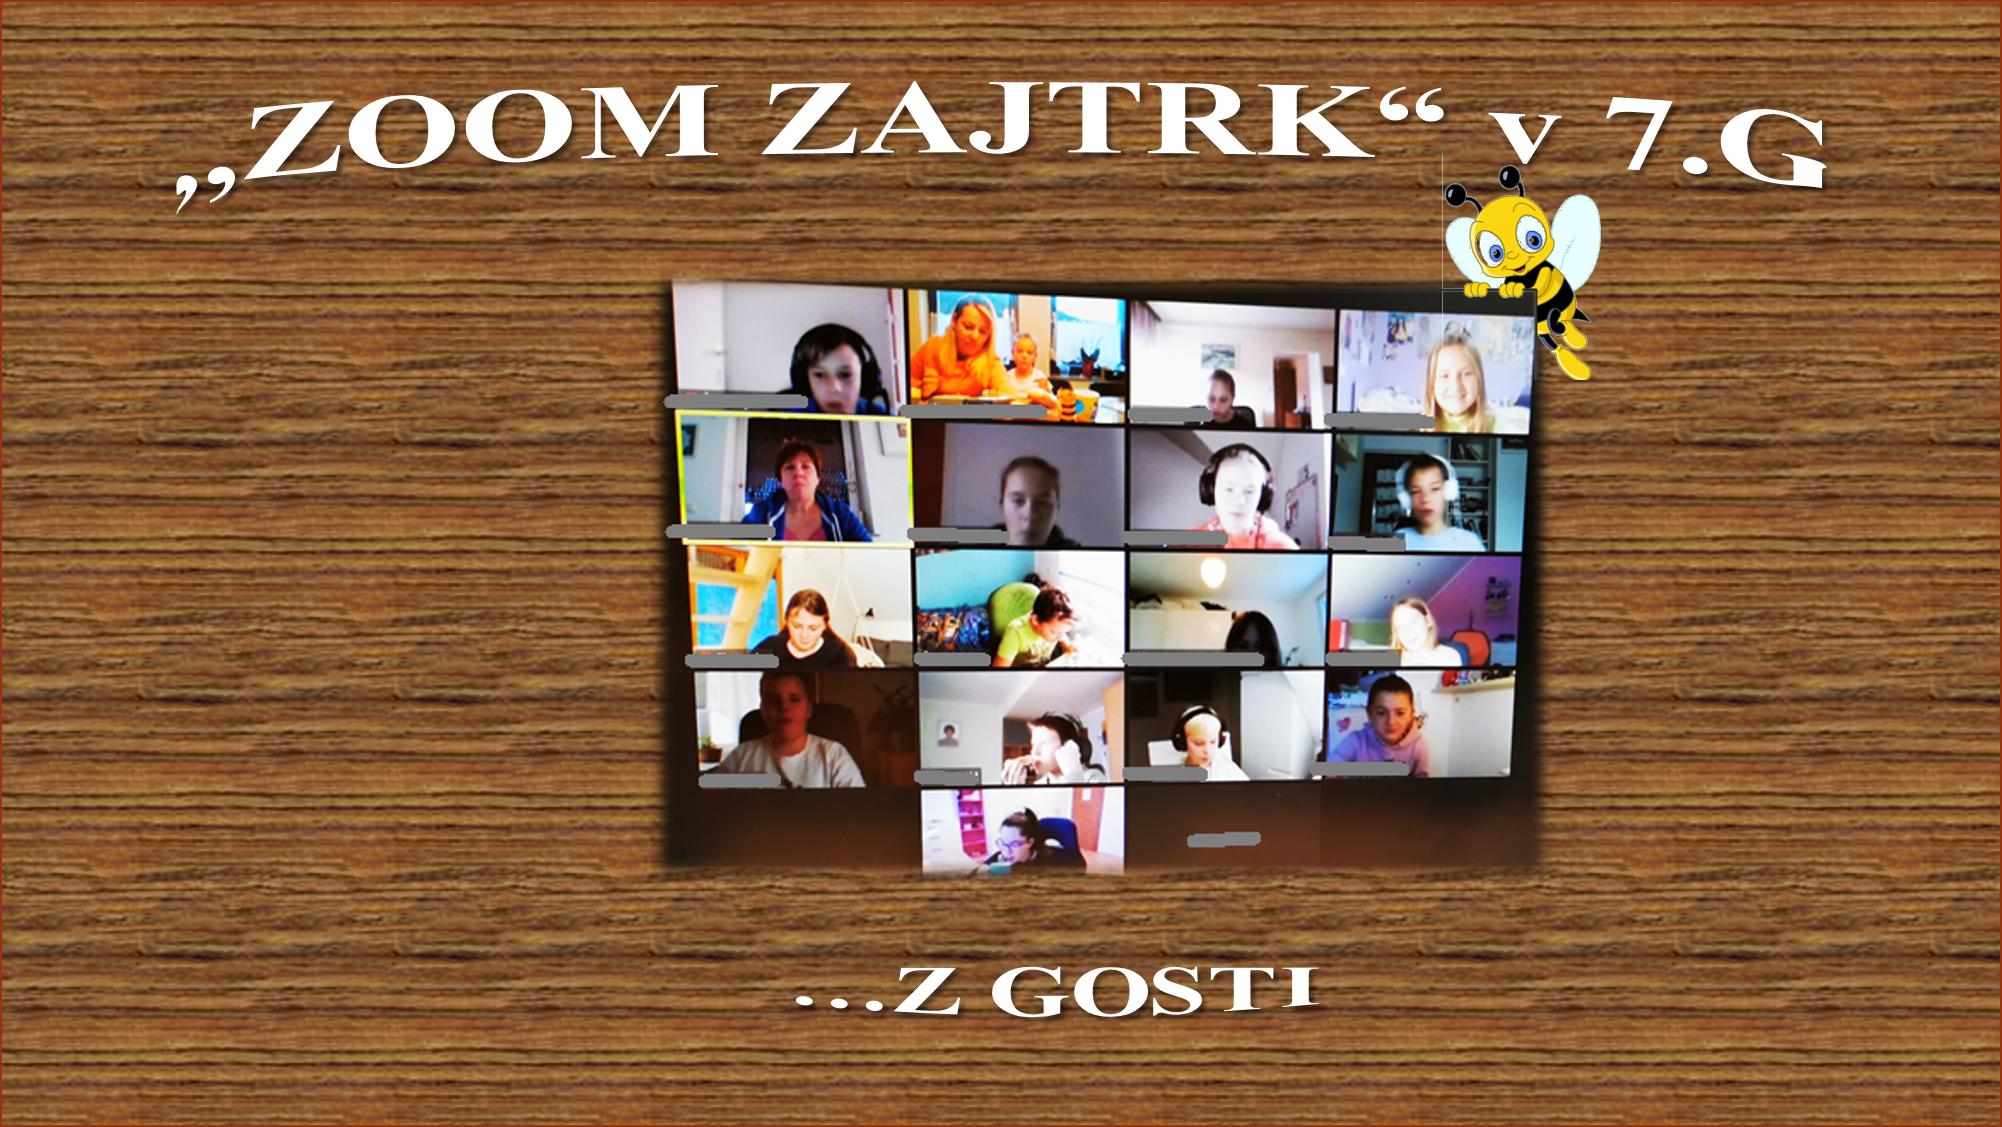 zoom_zajtrk_7-g